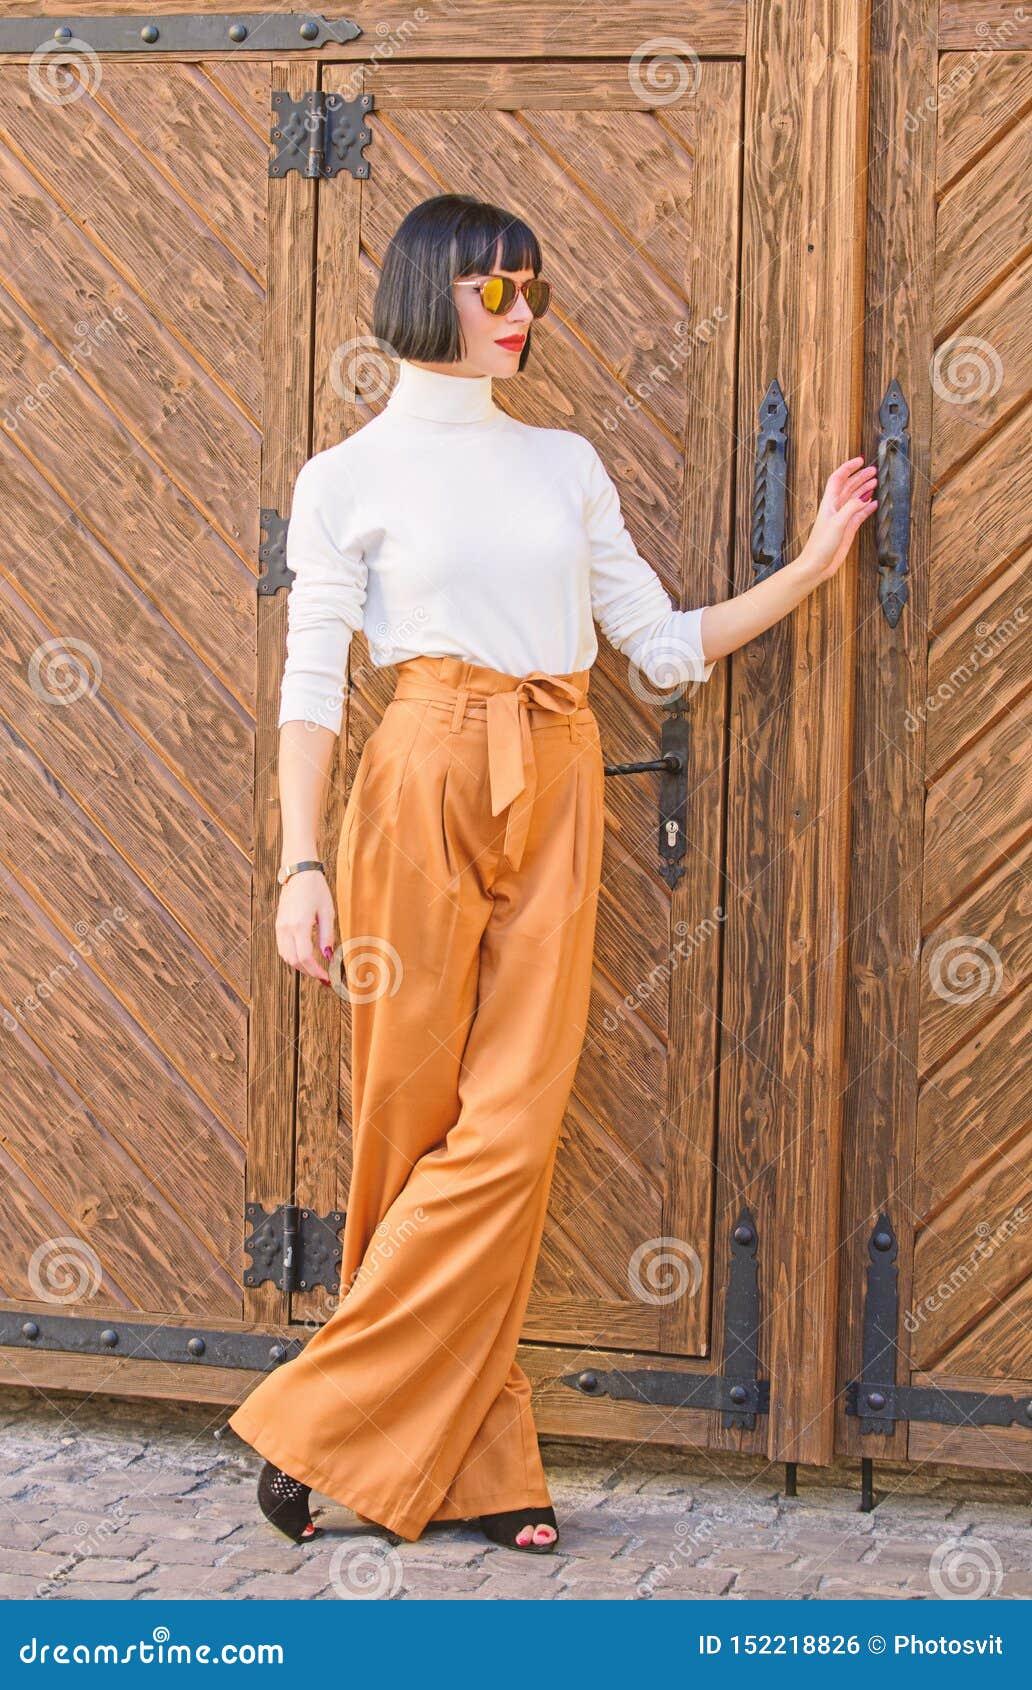 105 En Flojos Mujer Pantalones Fotos Libres De Derechos Y Gratuitas De Dreamstime